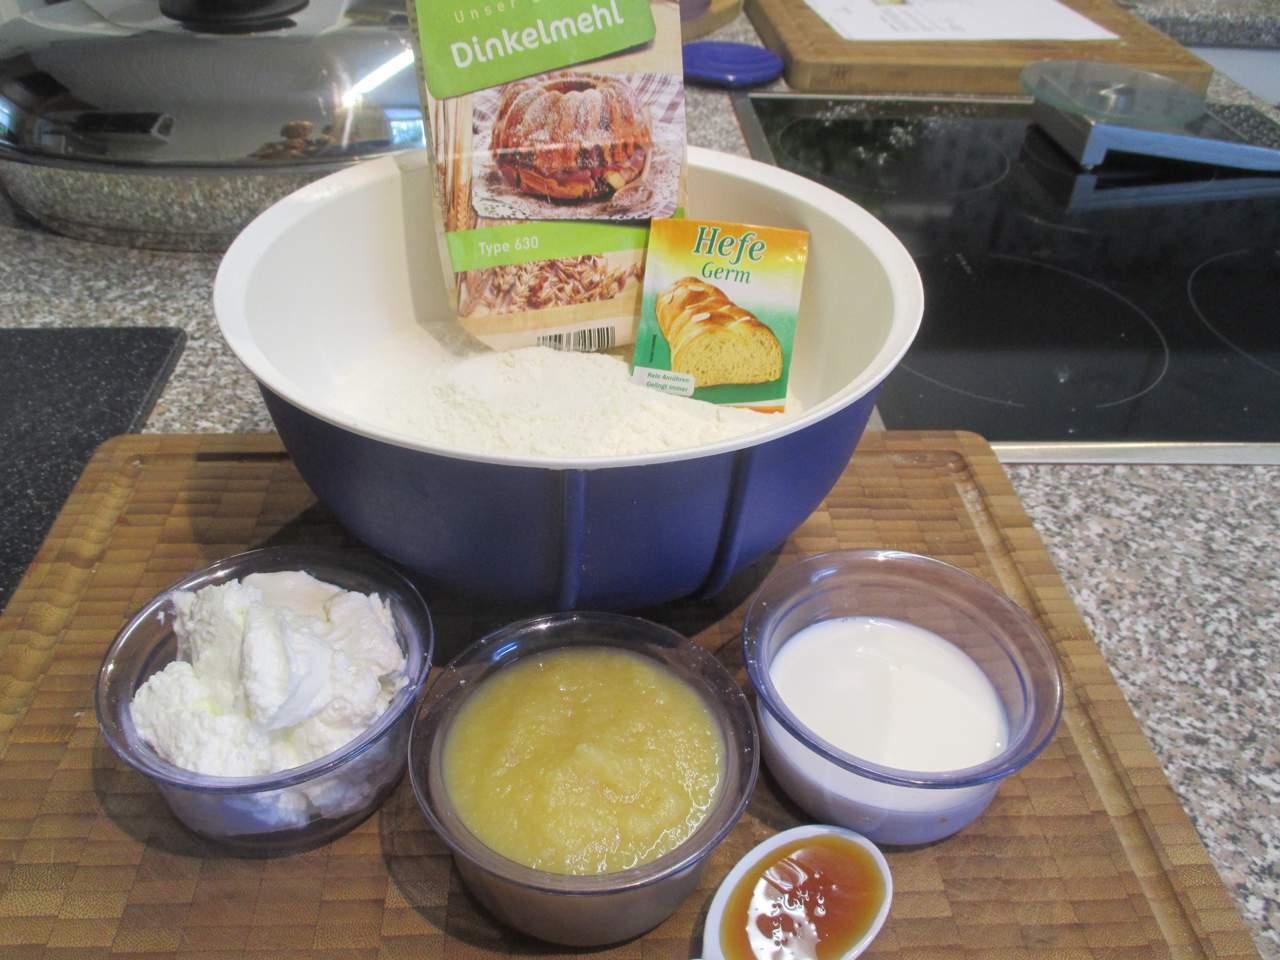 Zutaten für ein Low Carb Dinkelbrot: Apfelmus-Quark Brot